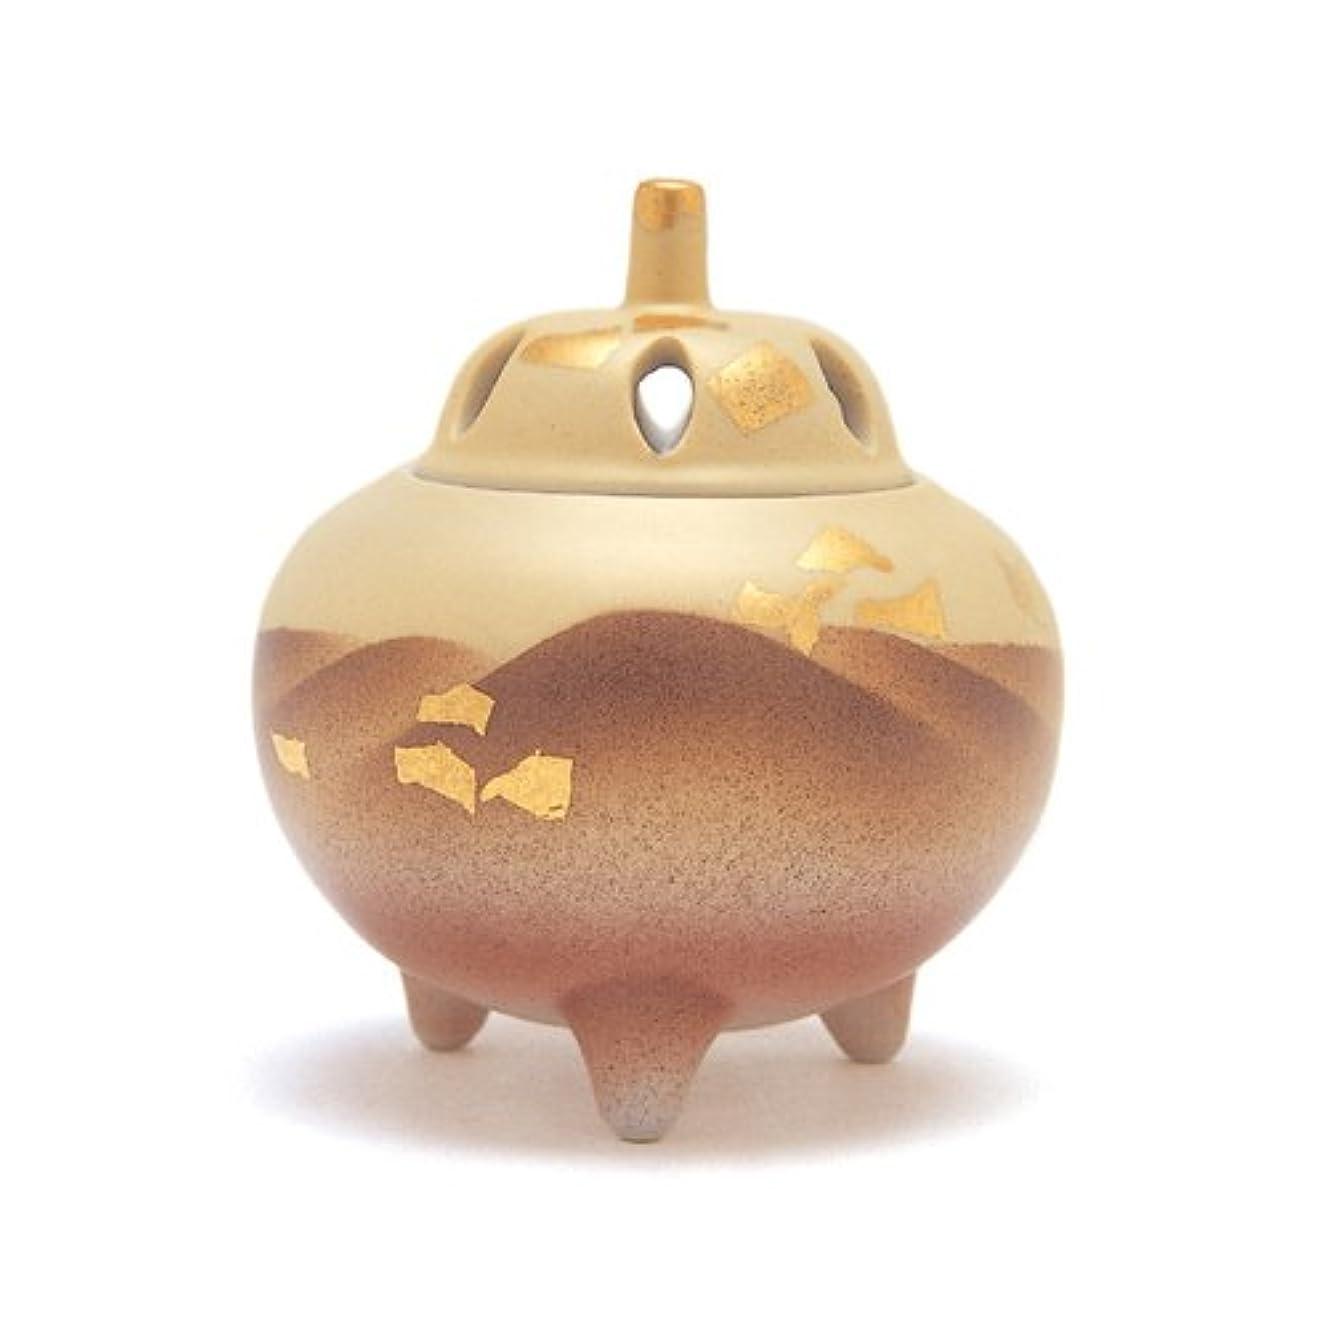 買う毎月半円香炉 2.5号 金彩連山 花九谷 作